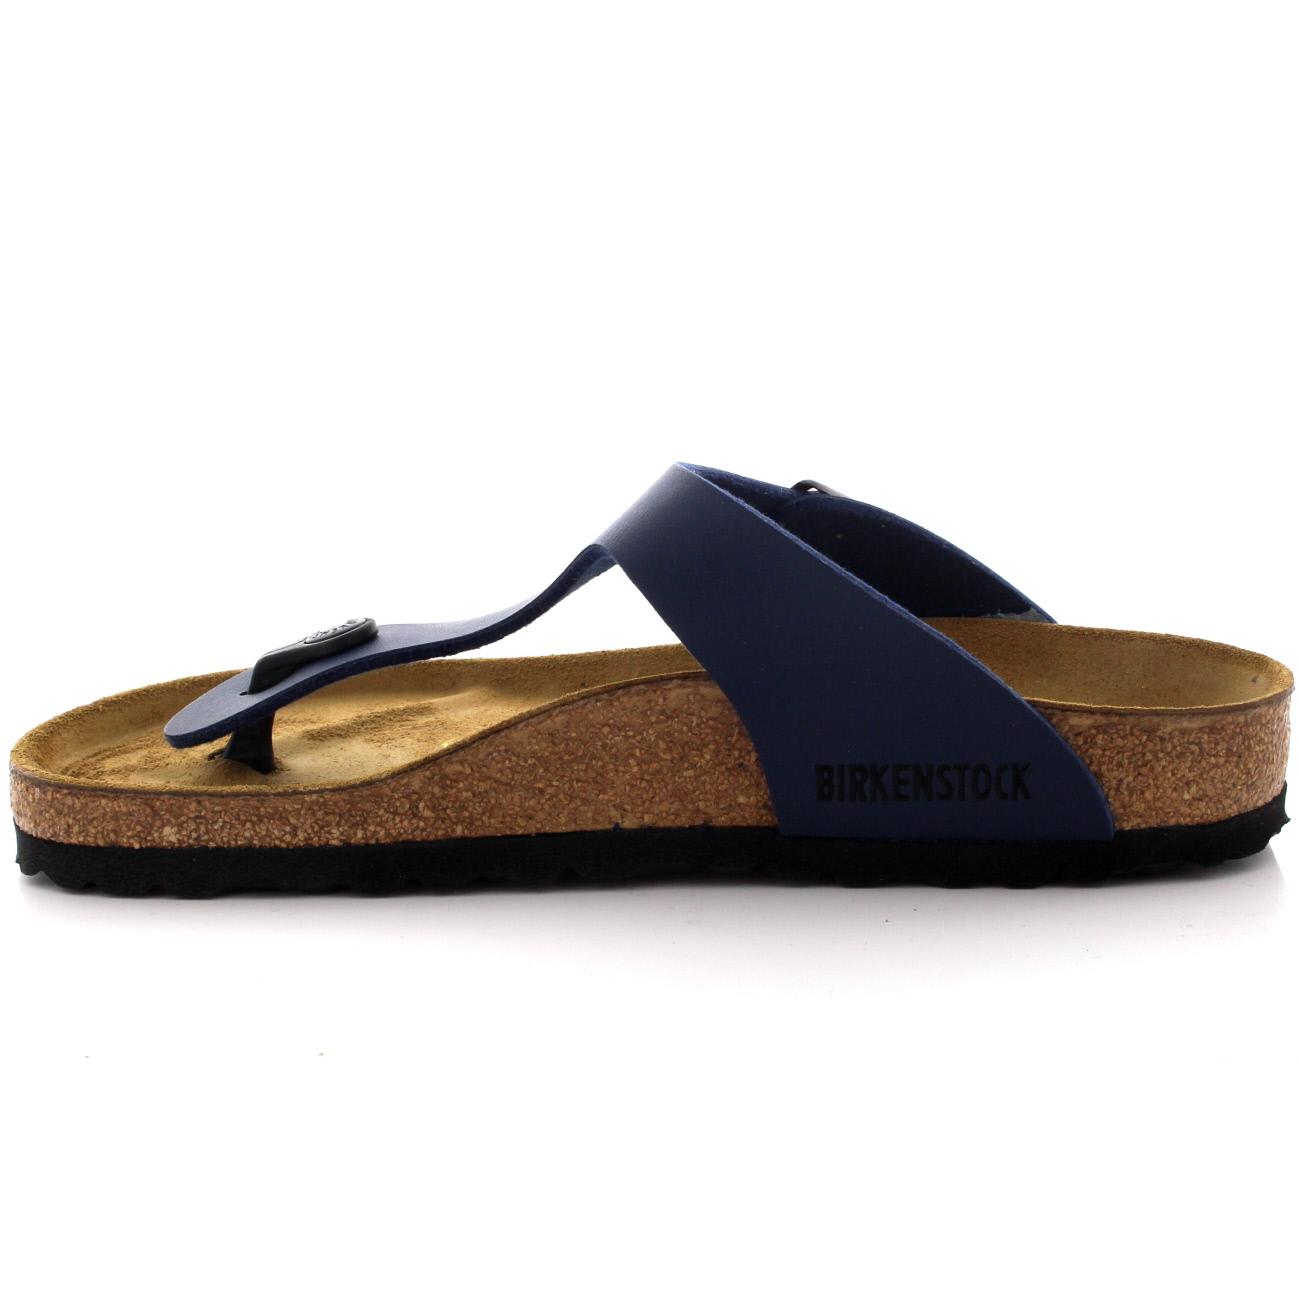 Unisex Adults Birkenstock Gizeh Holiday T-Bar All Open Toe Beach Sandales All T-Bar Größes 8cece6